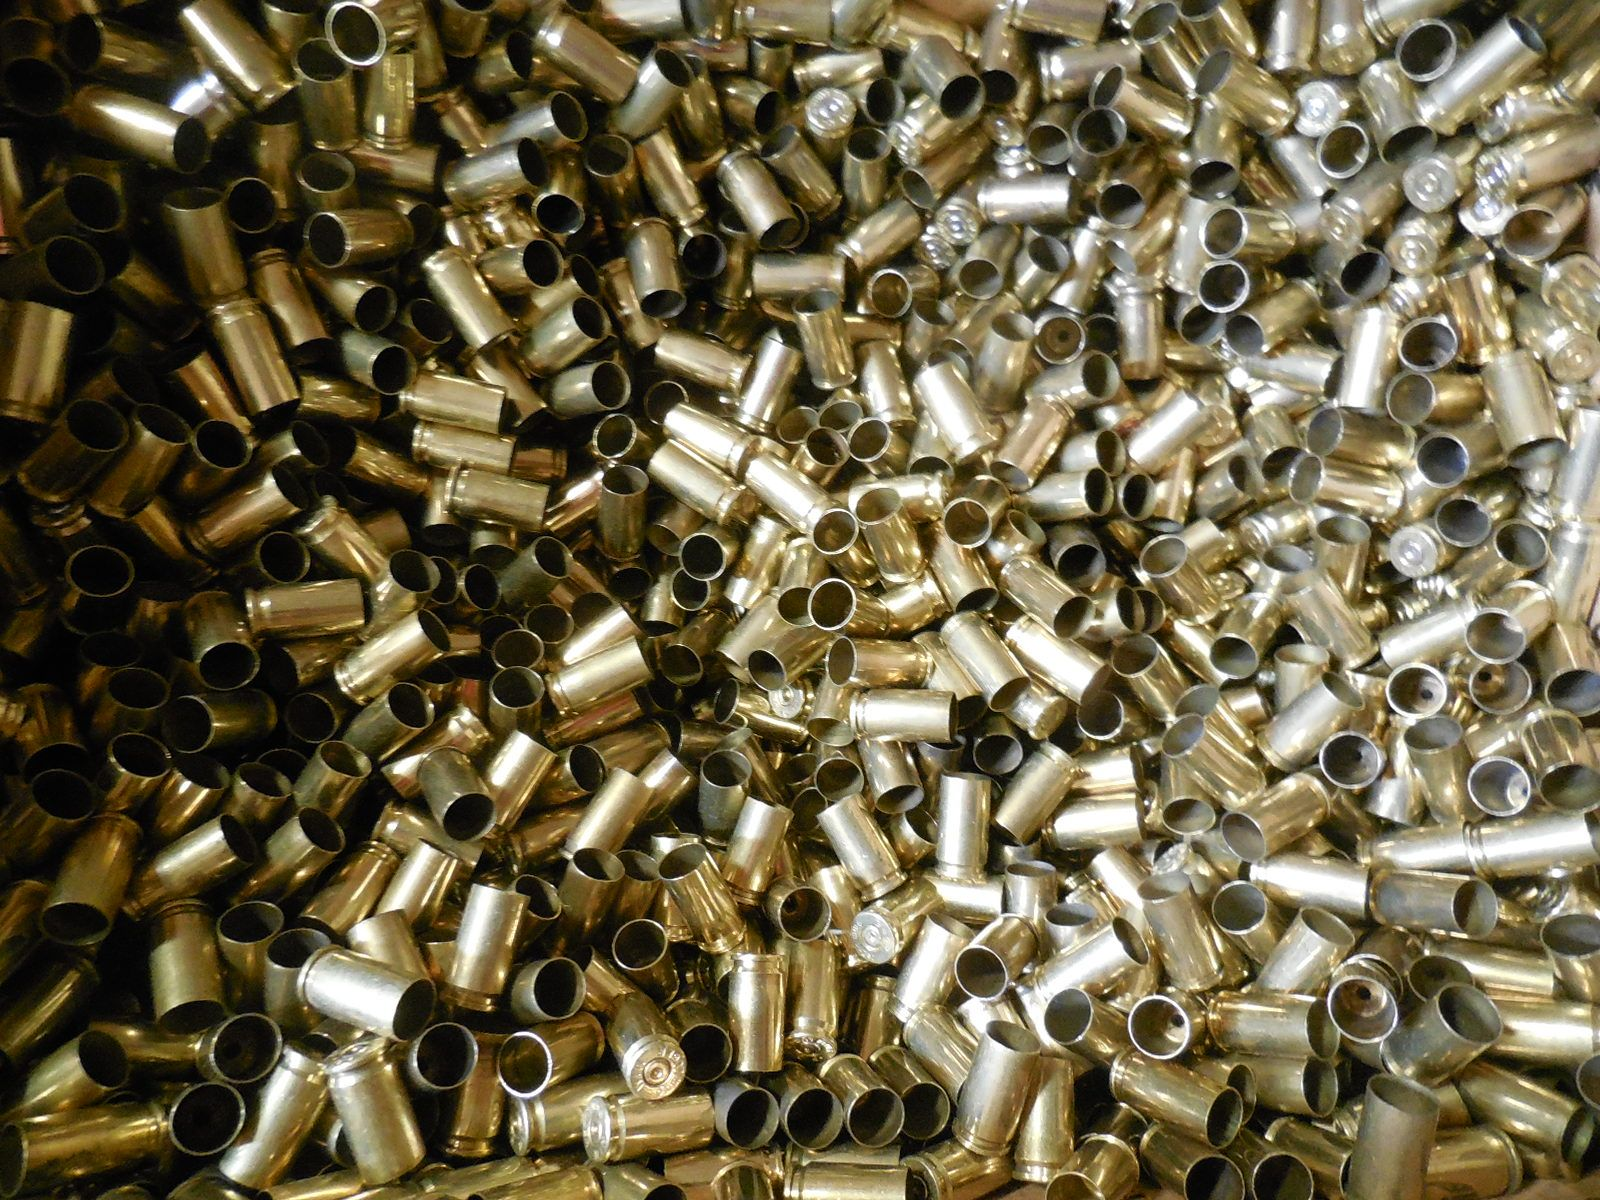 9mm bRass (5).JPG